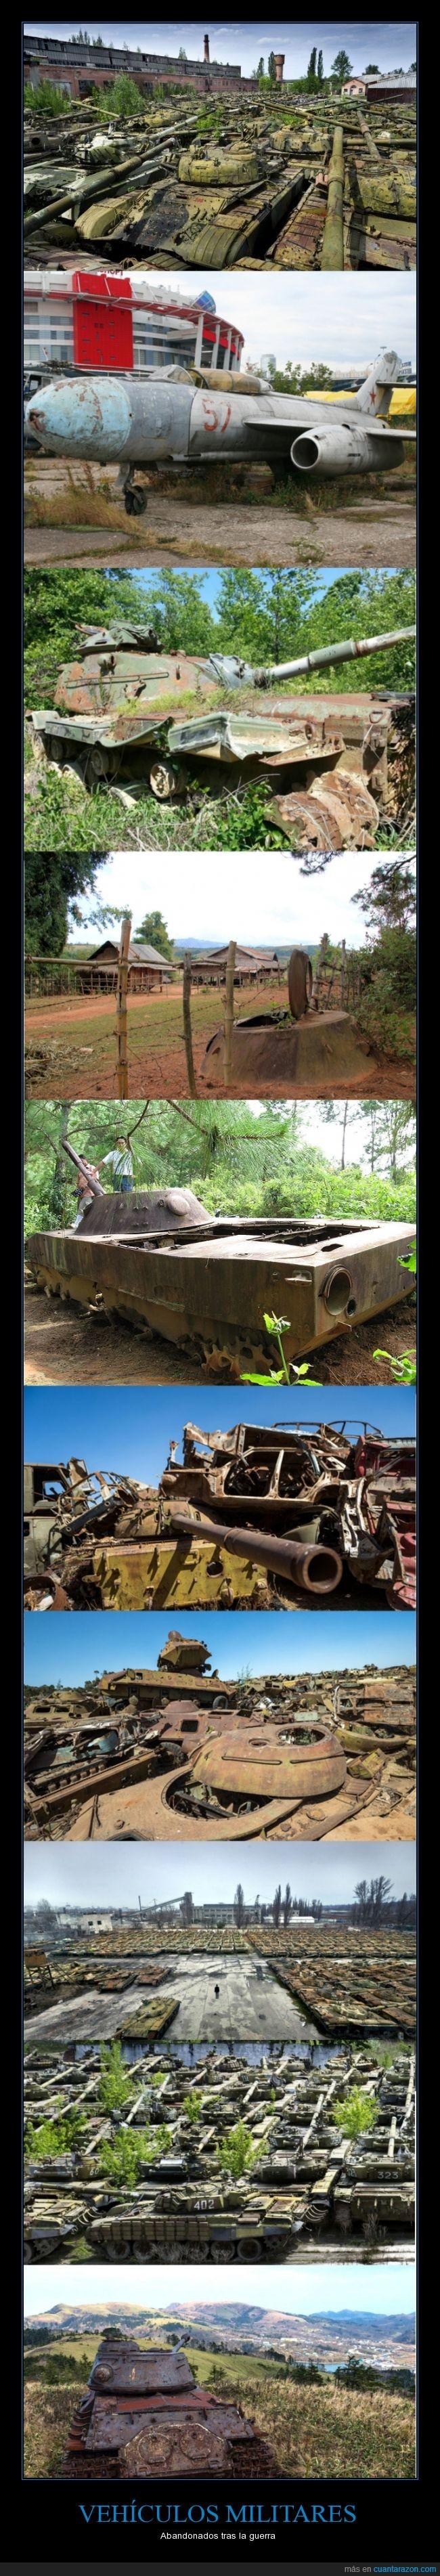 abandonados,cementerio,guerra,olvidados,tanques